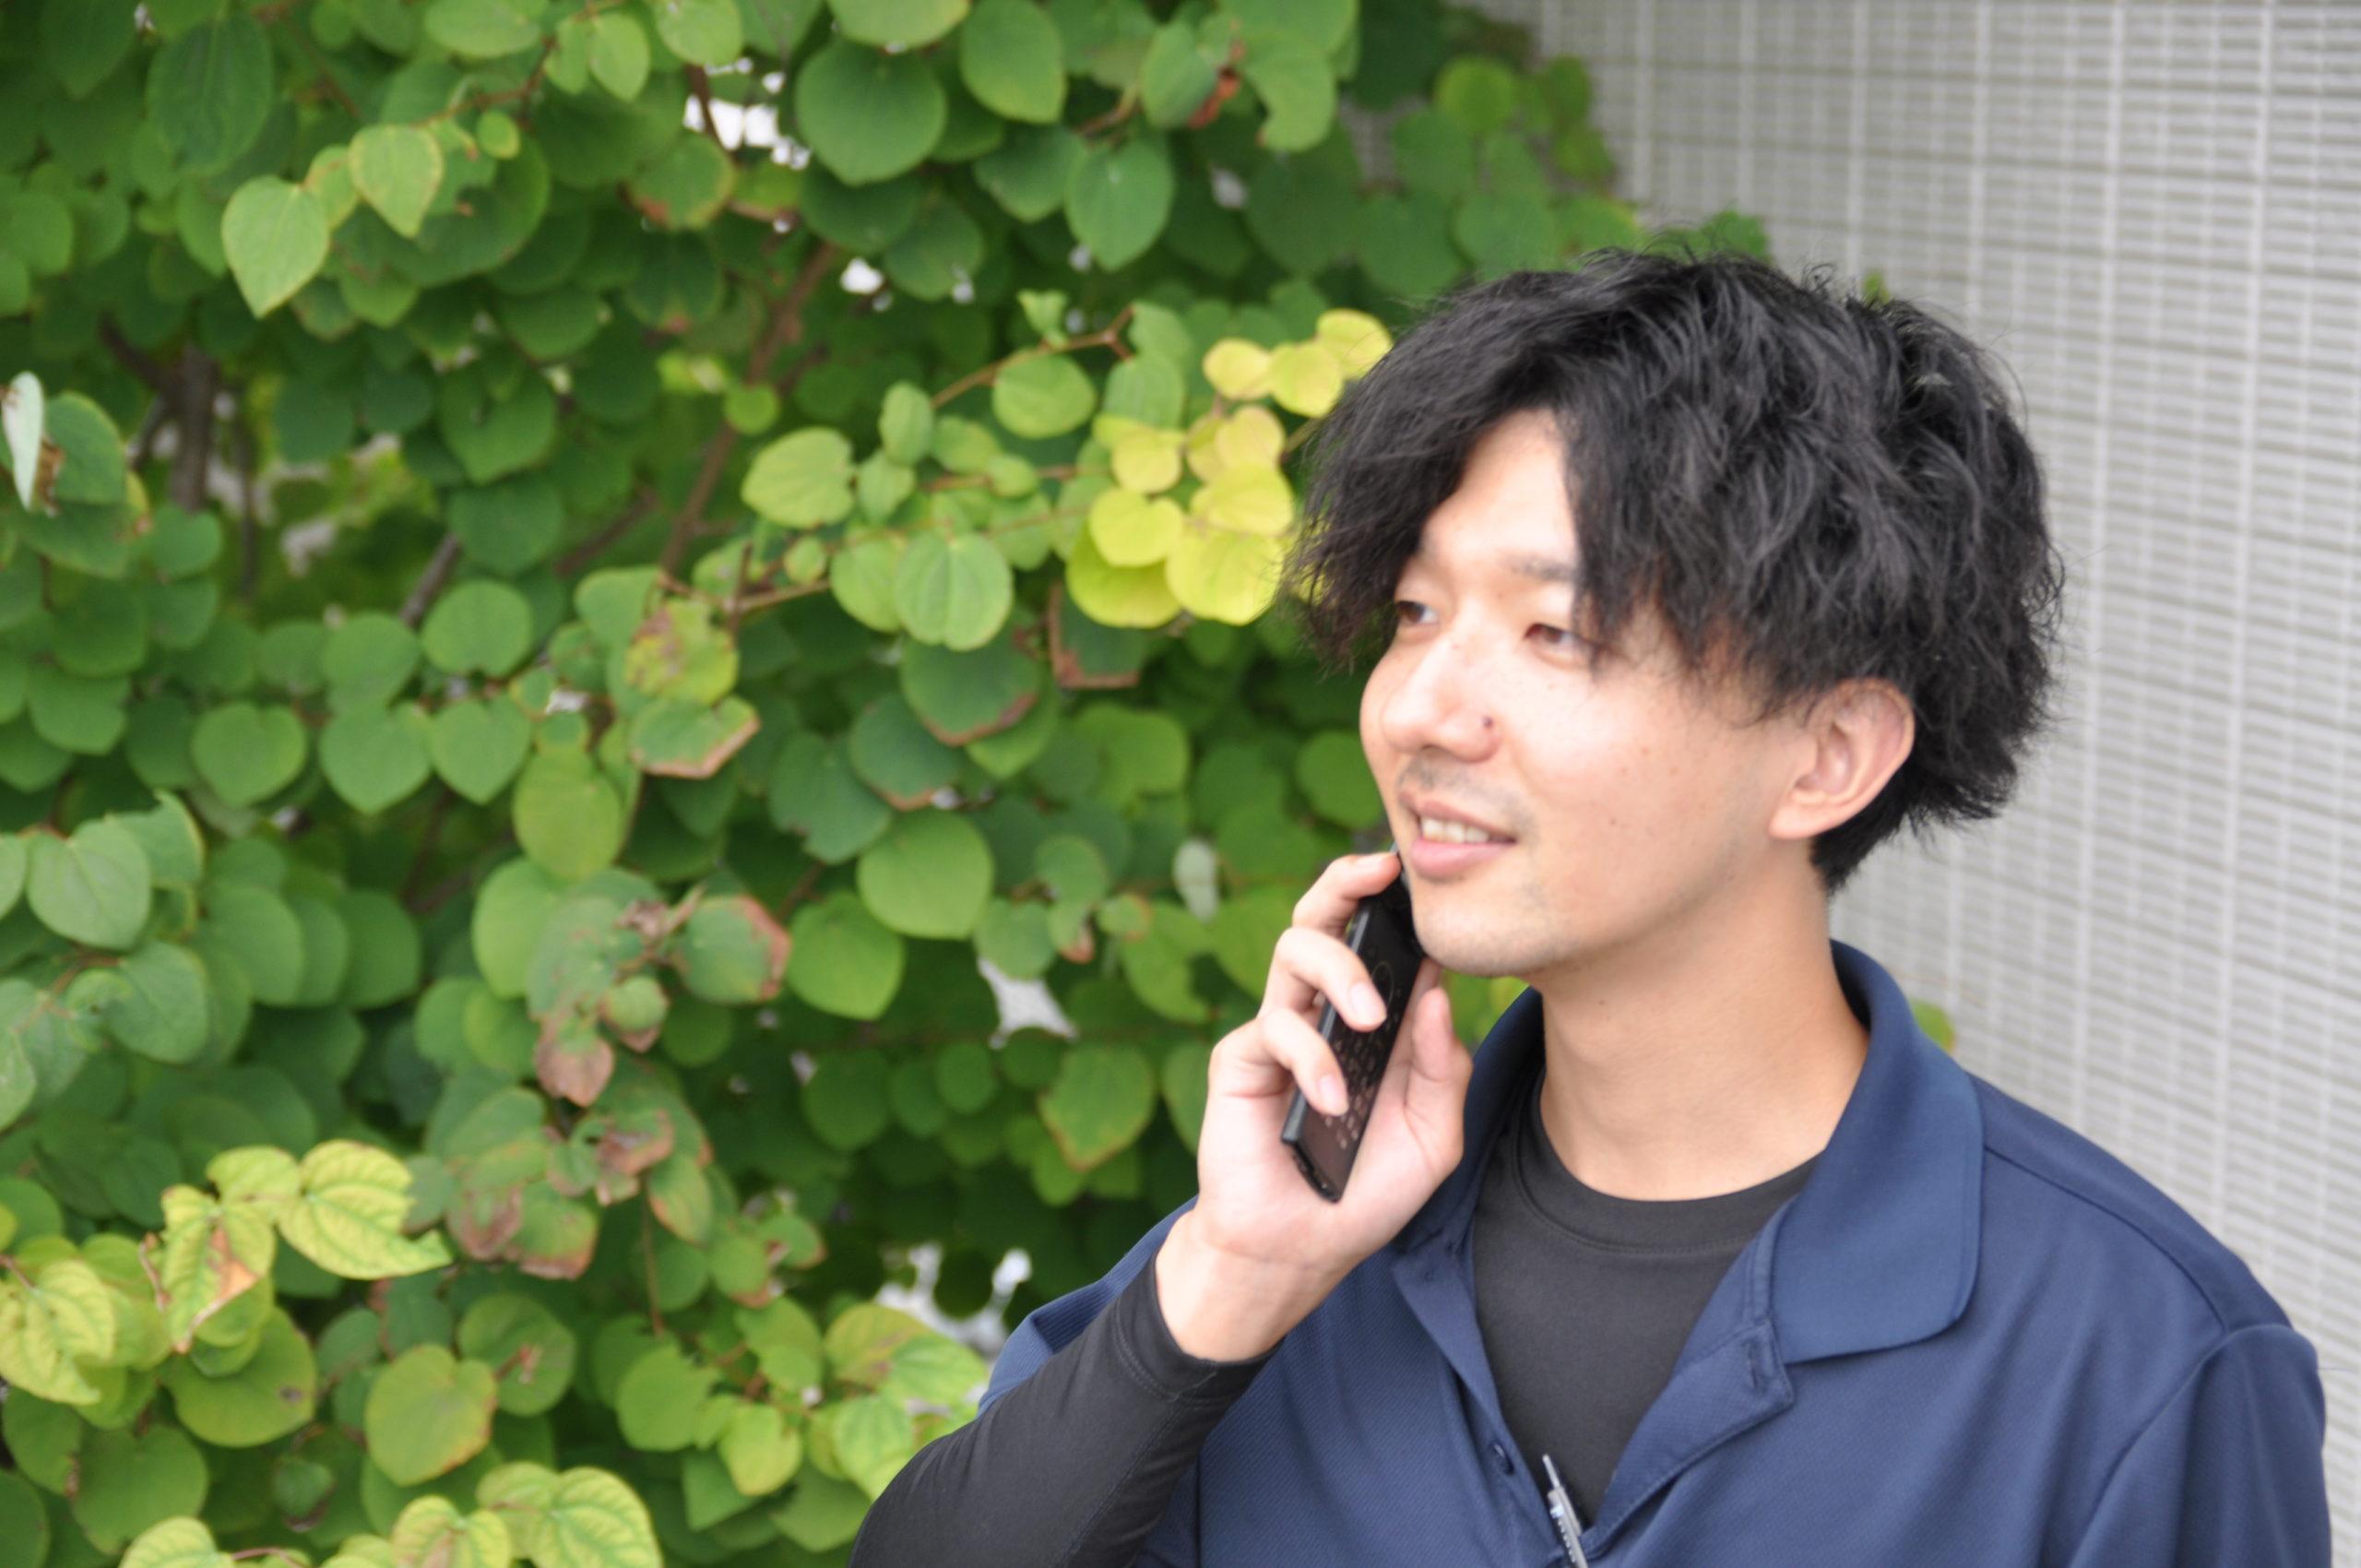 愛・グループホーム潮止<br>管理者 佐藤 さん イメージ